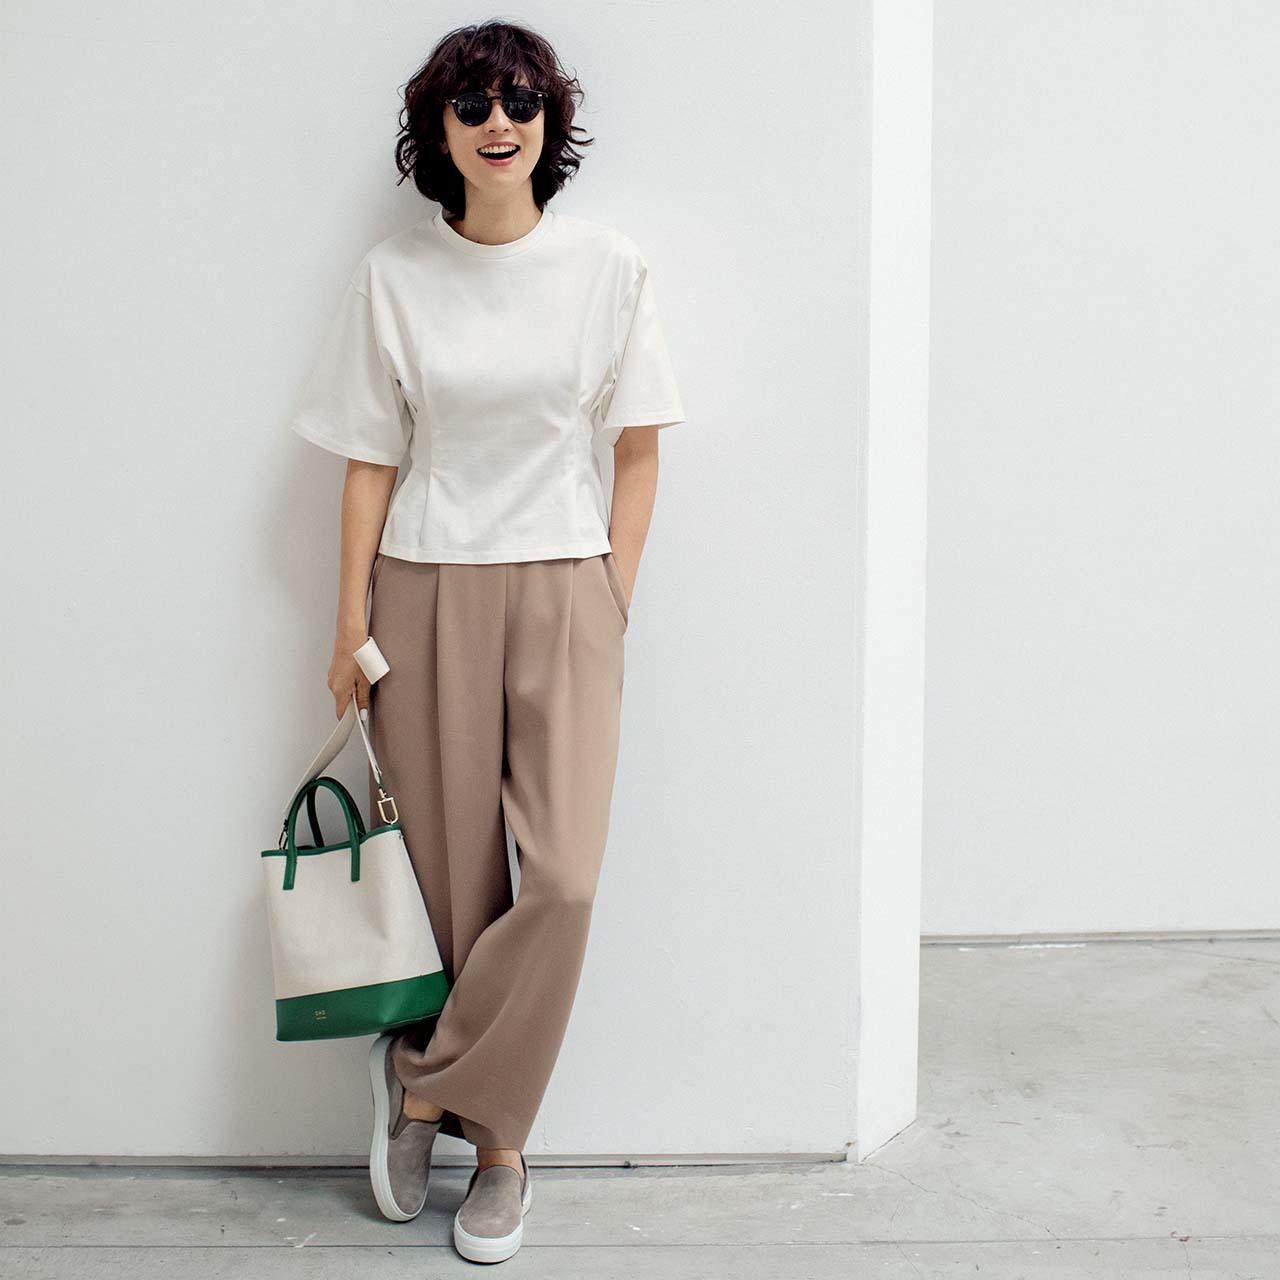 Tシャツ×パンツコーデを着用したモデルの五明祐子さん